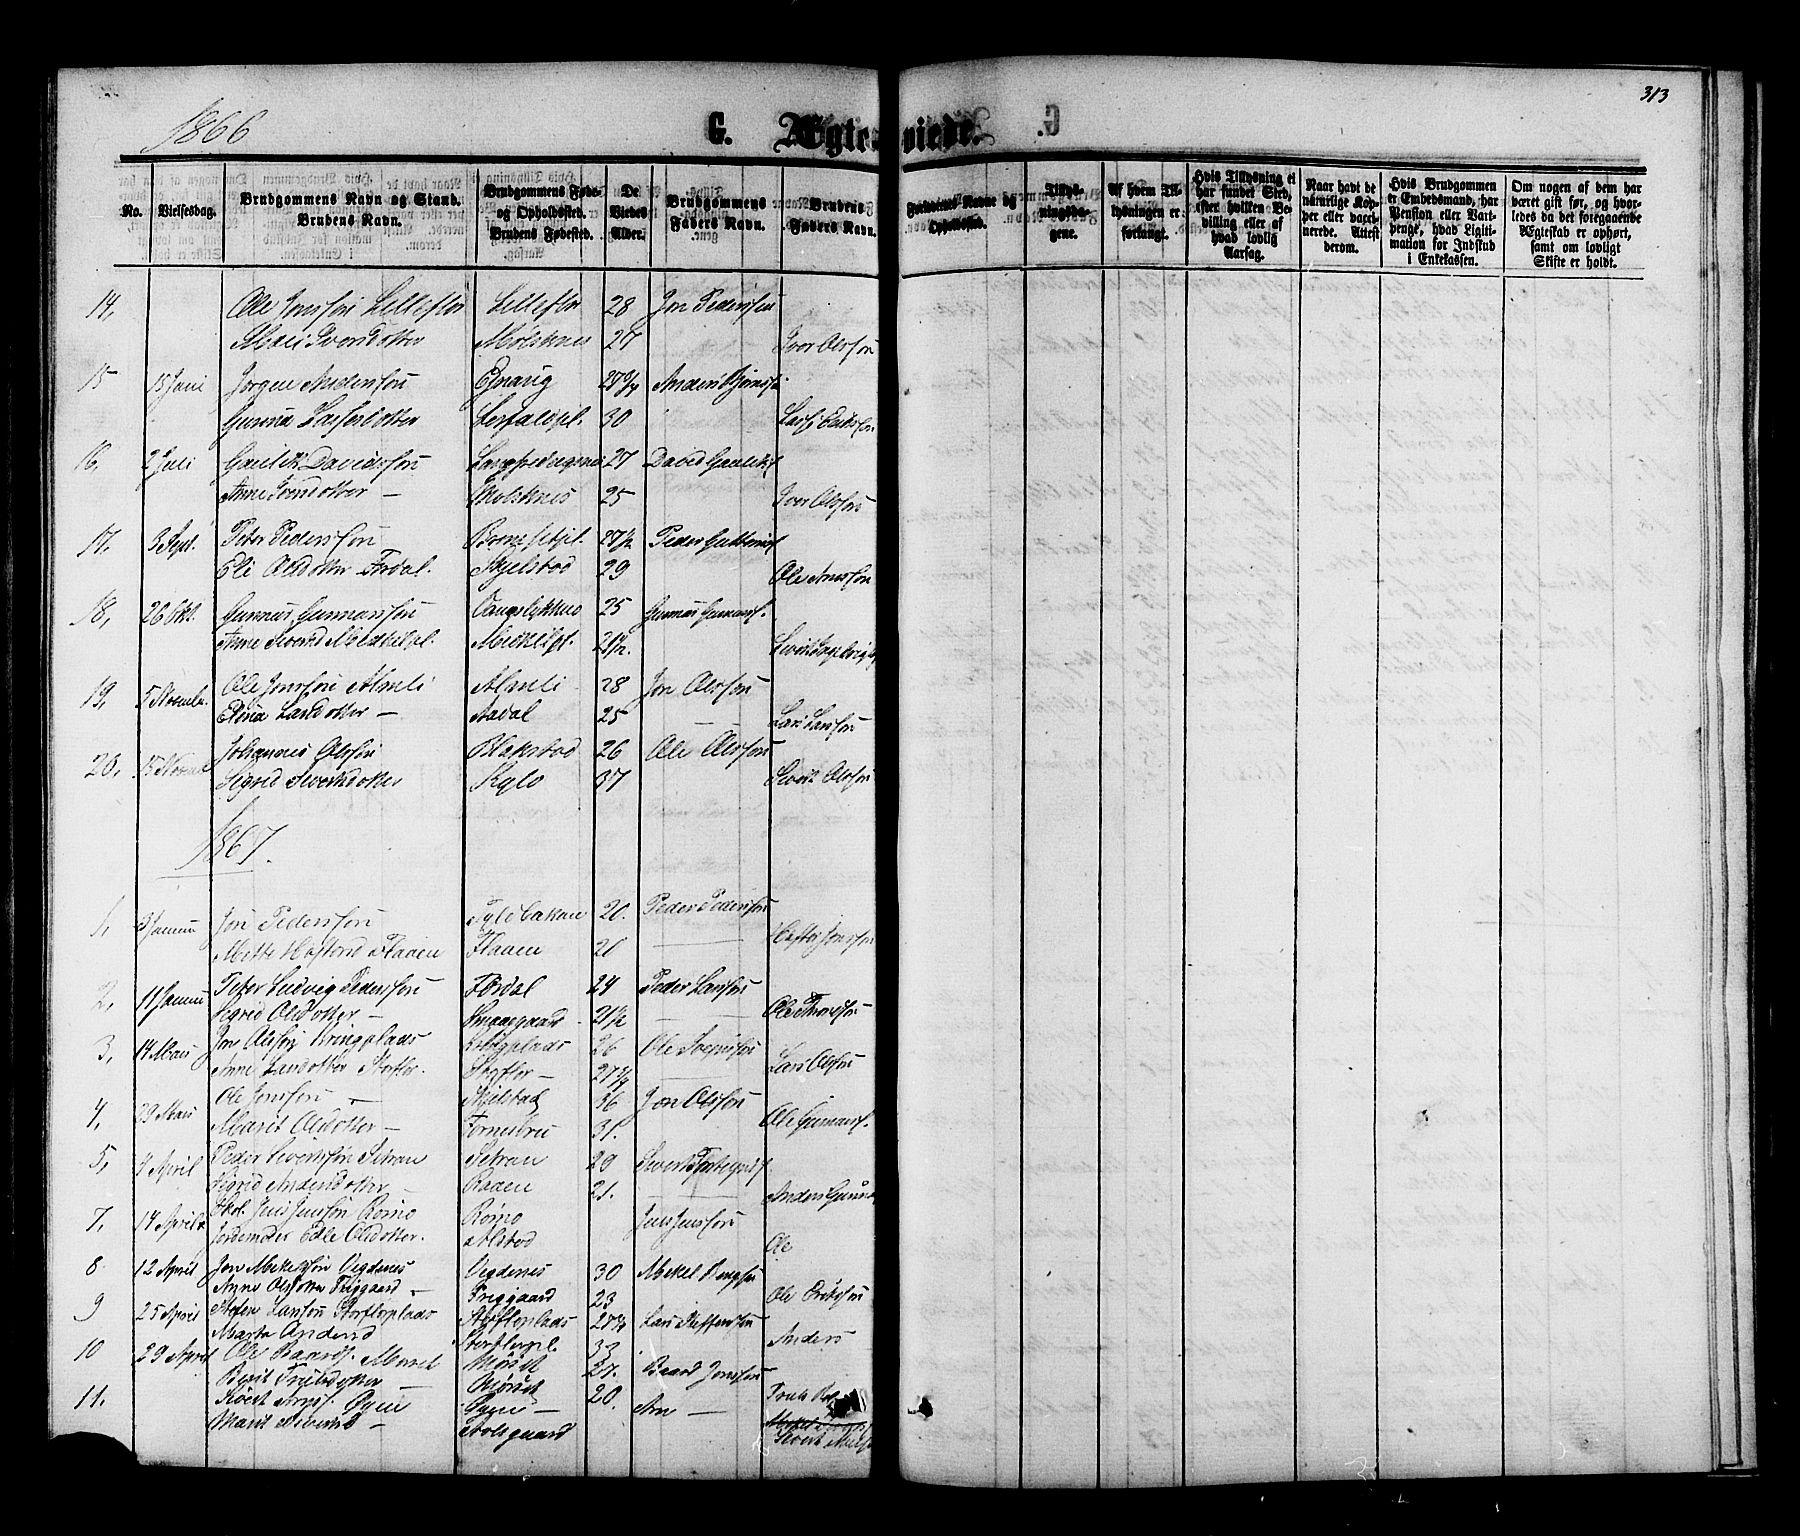 SAT, Ministerialprotokoller, klokkerbøker og fødselsregistre - Nord-Trøndelag, 703/L0038: Parish register (copy) no. 703C01, 1864-1870, p. 313